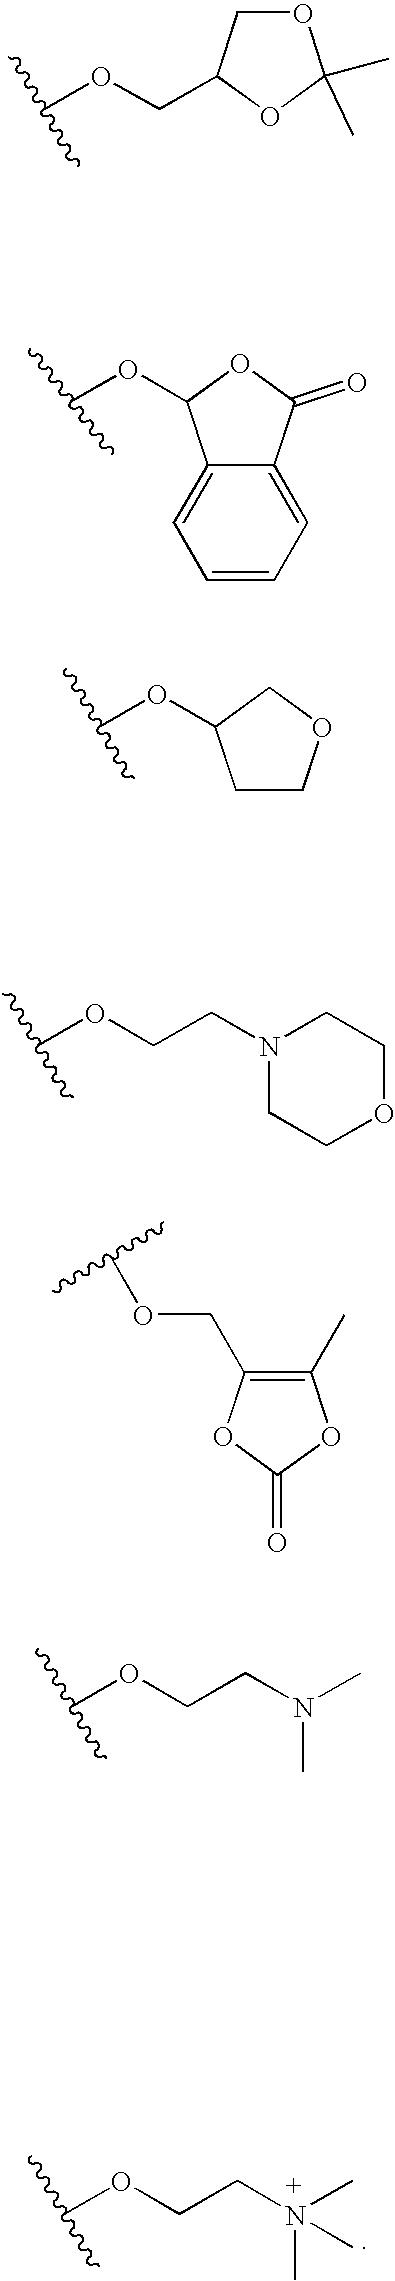 Figure US07790743-20100907-C00223